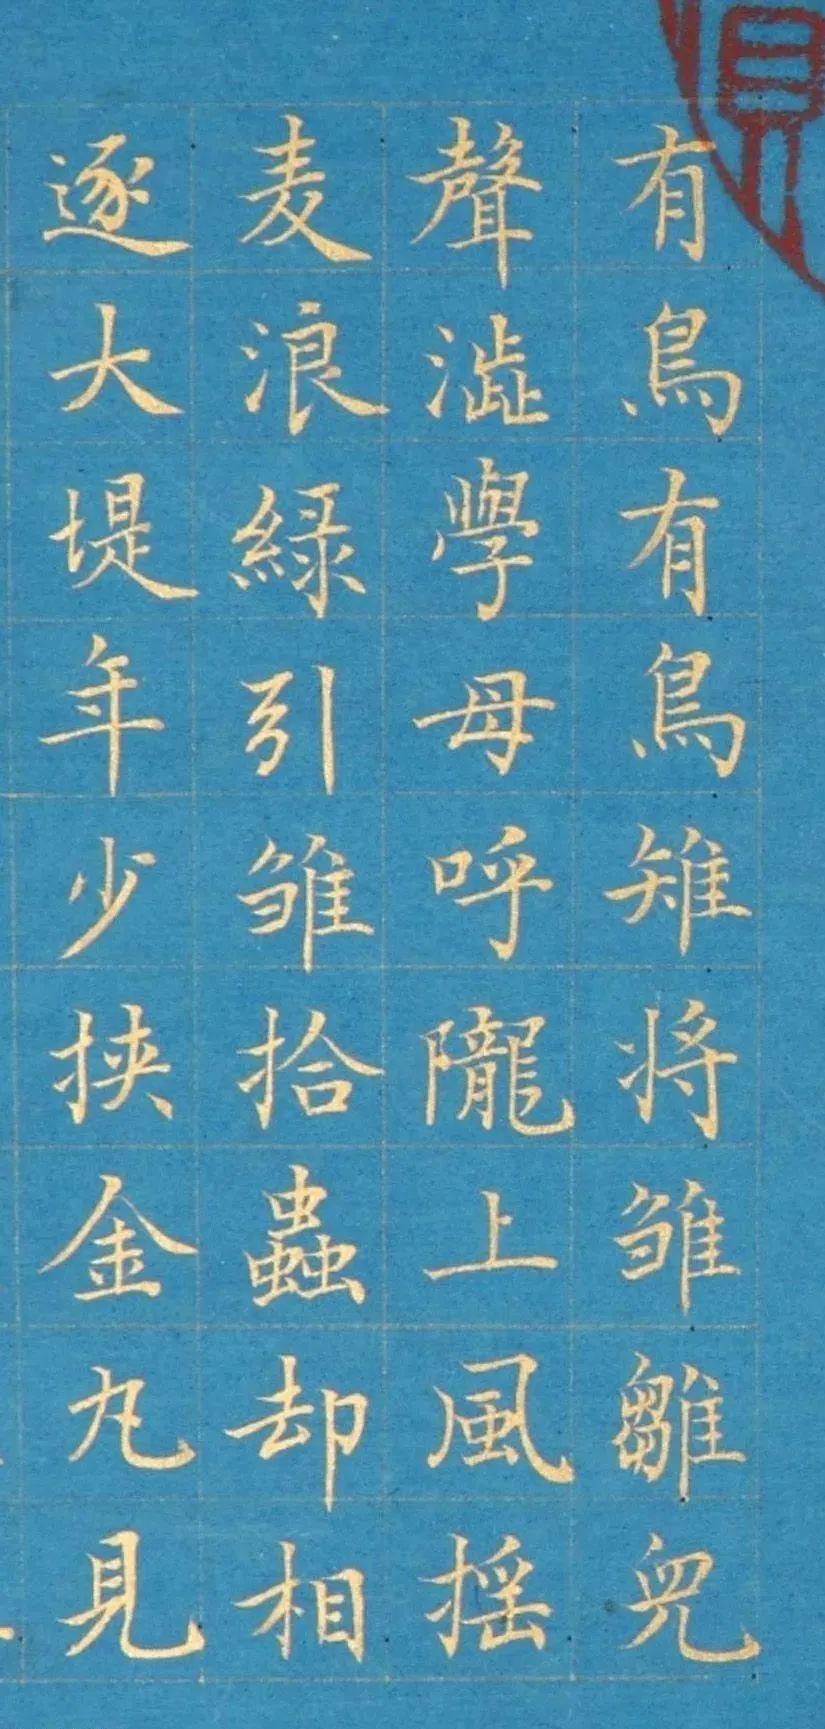 张若霭《有鸟二十章册》小楷欣赏